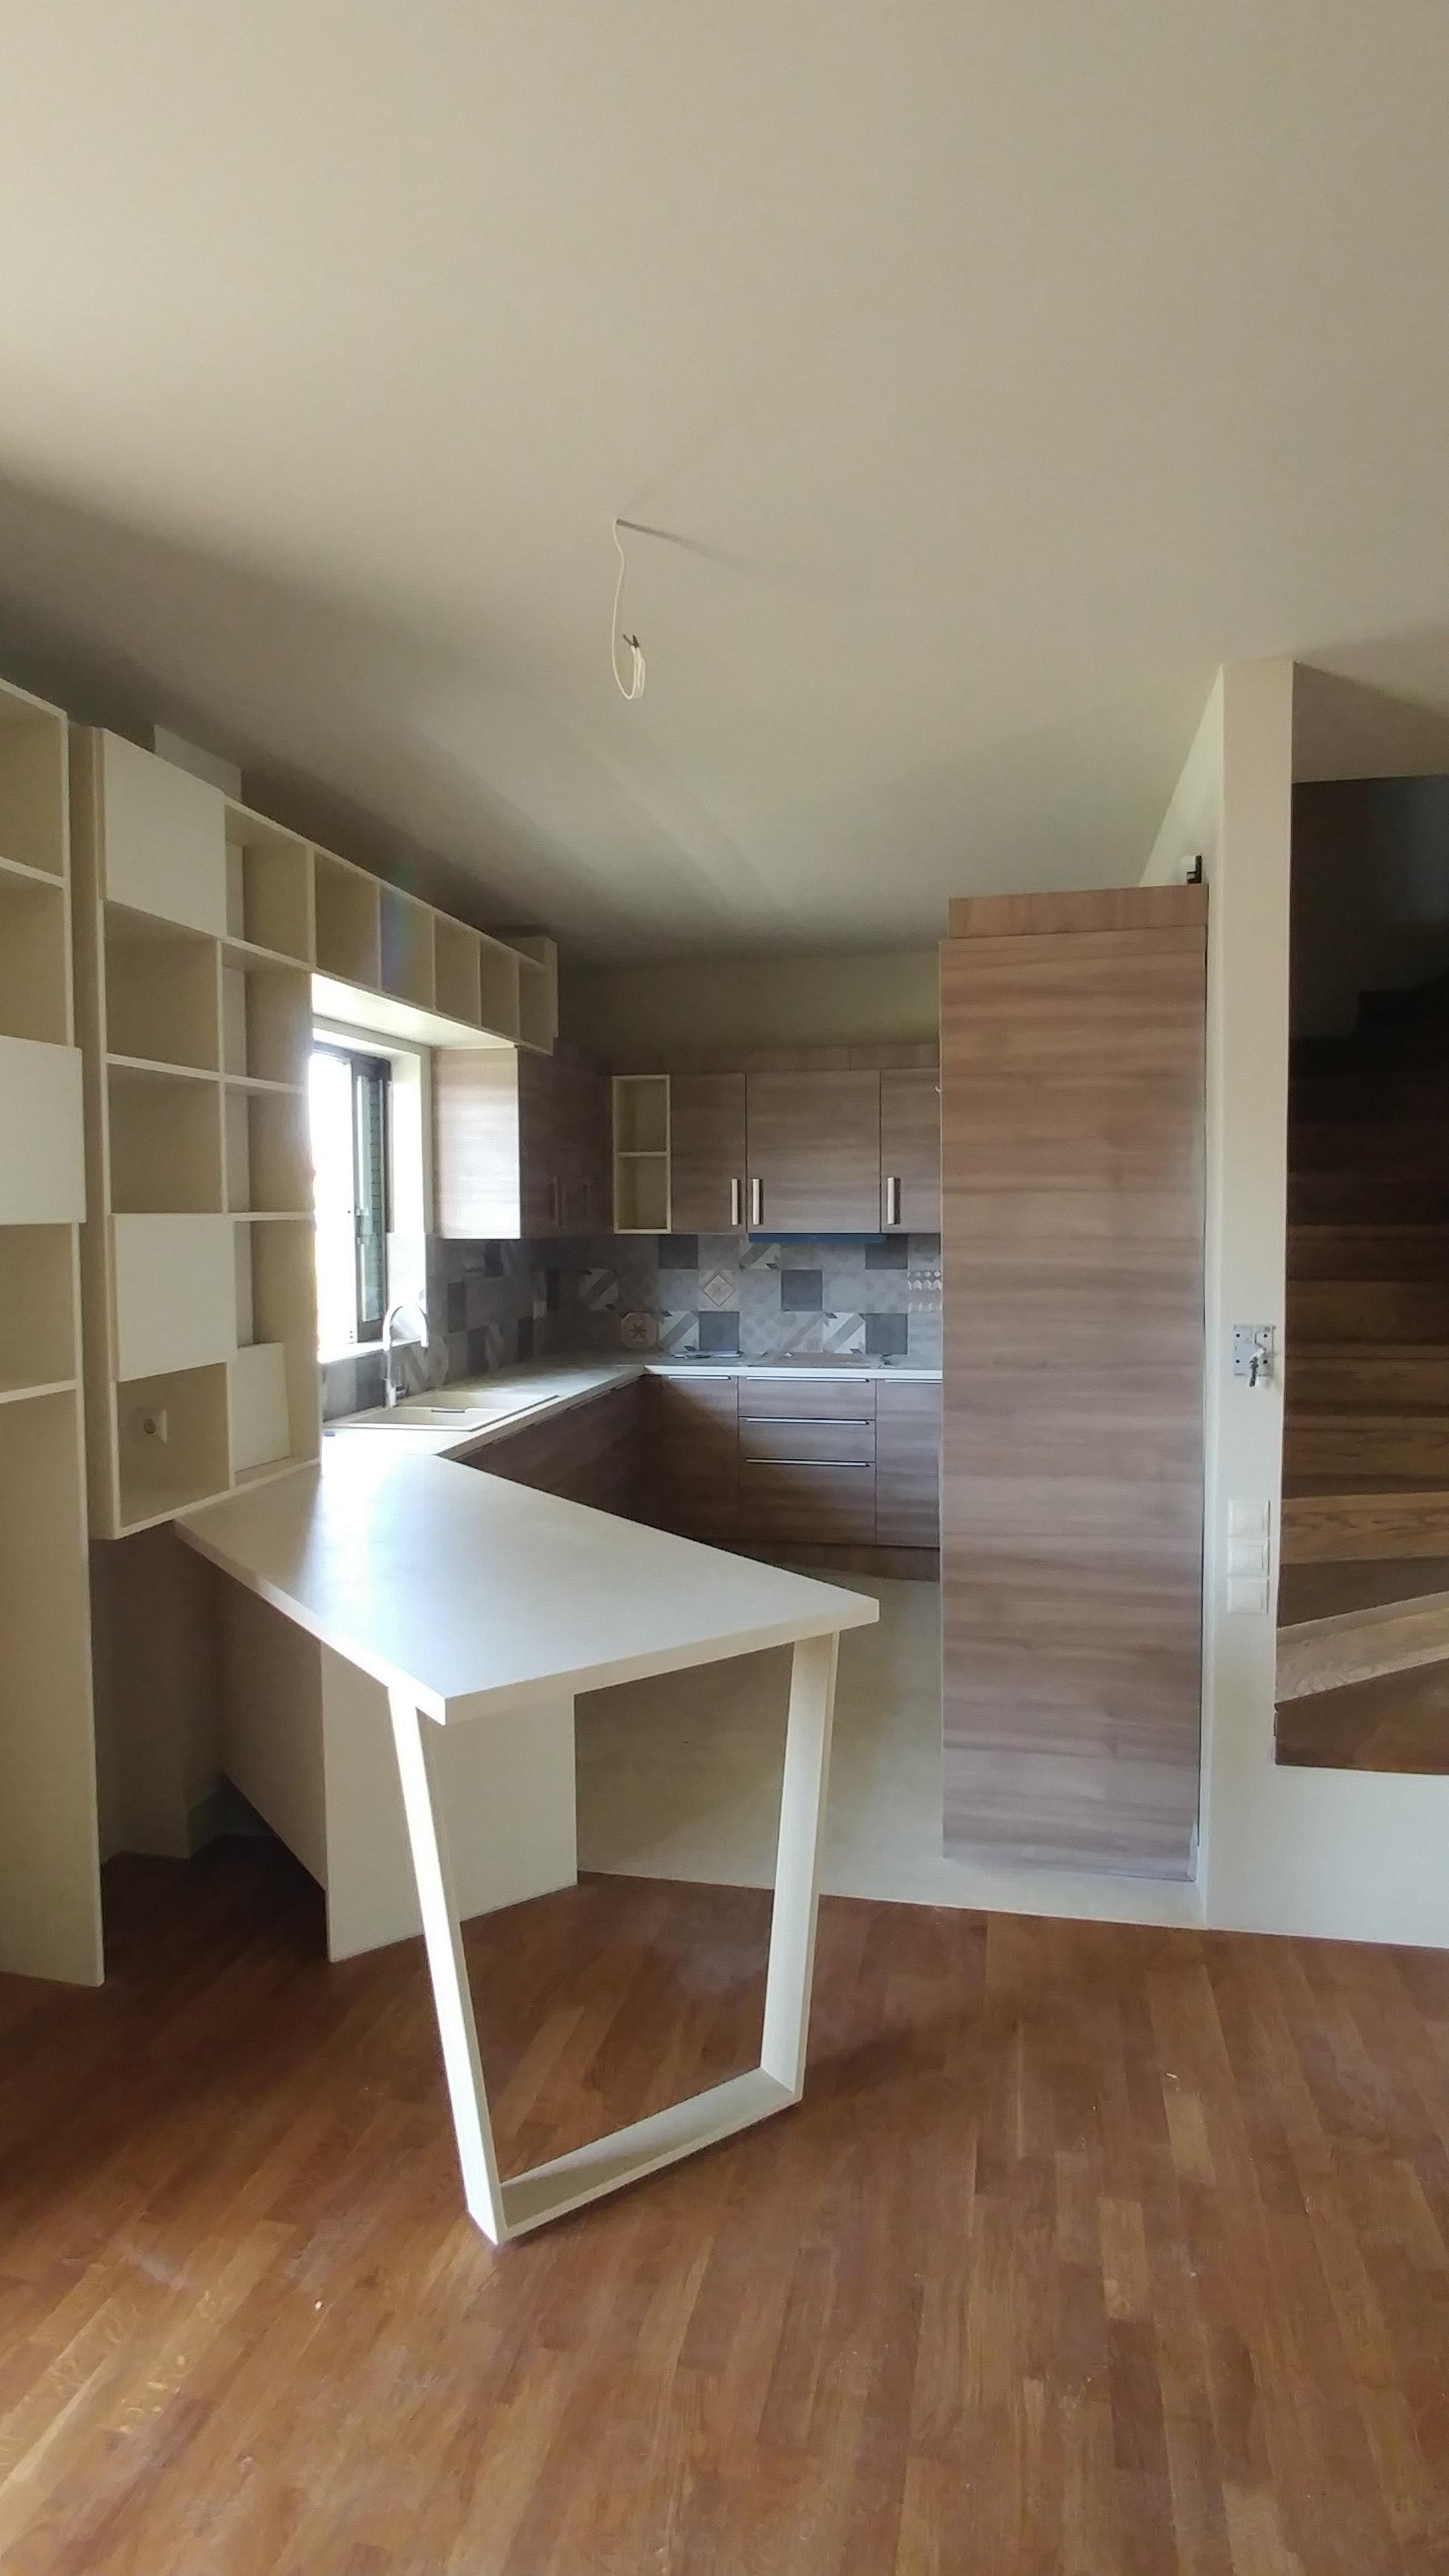 Πλήρης ανακαίνιση κατοικίας Φιλοθέη | OPUS